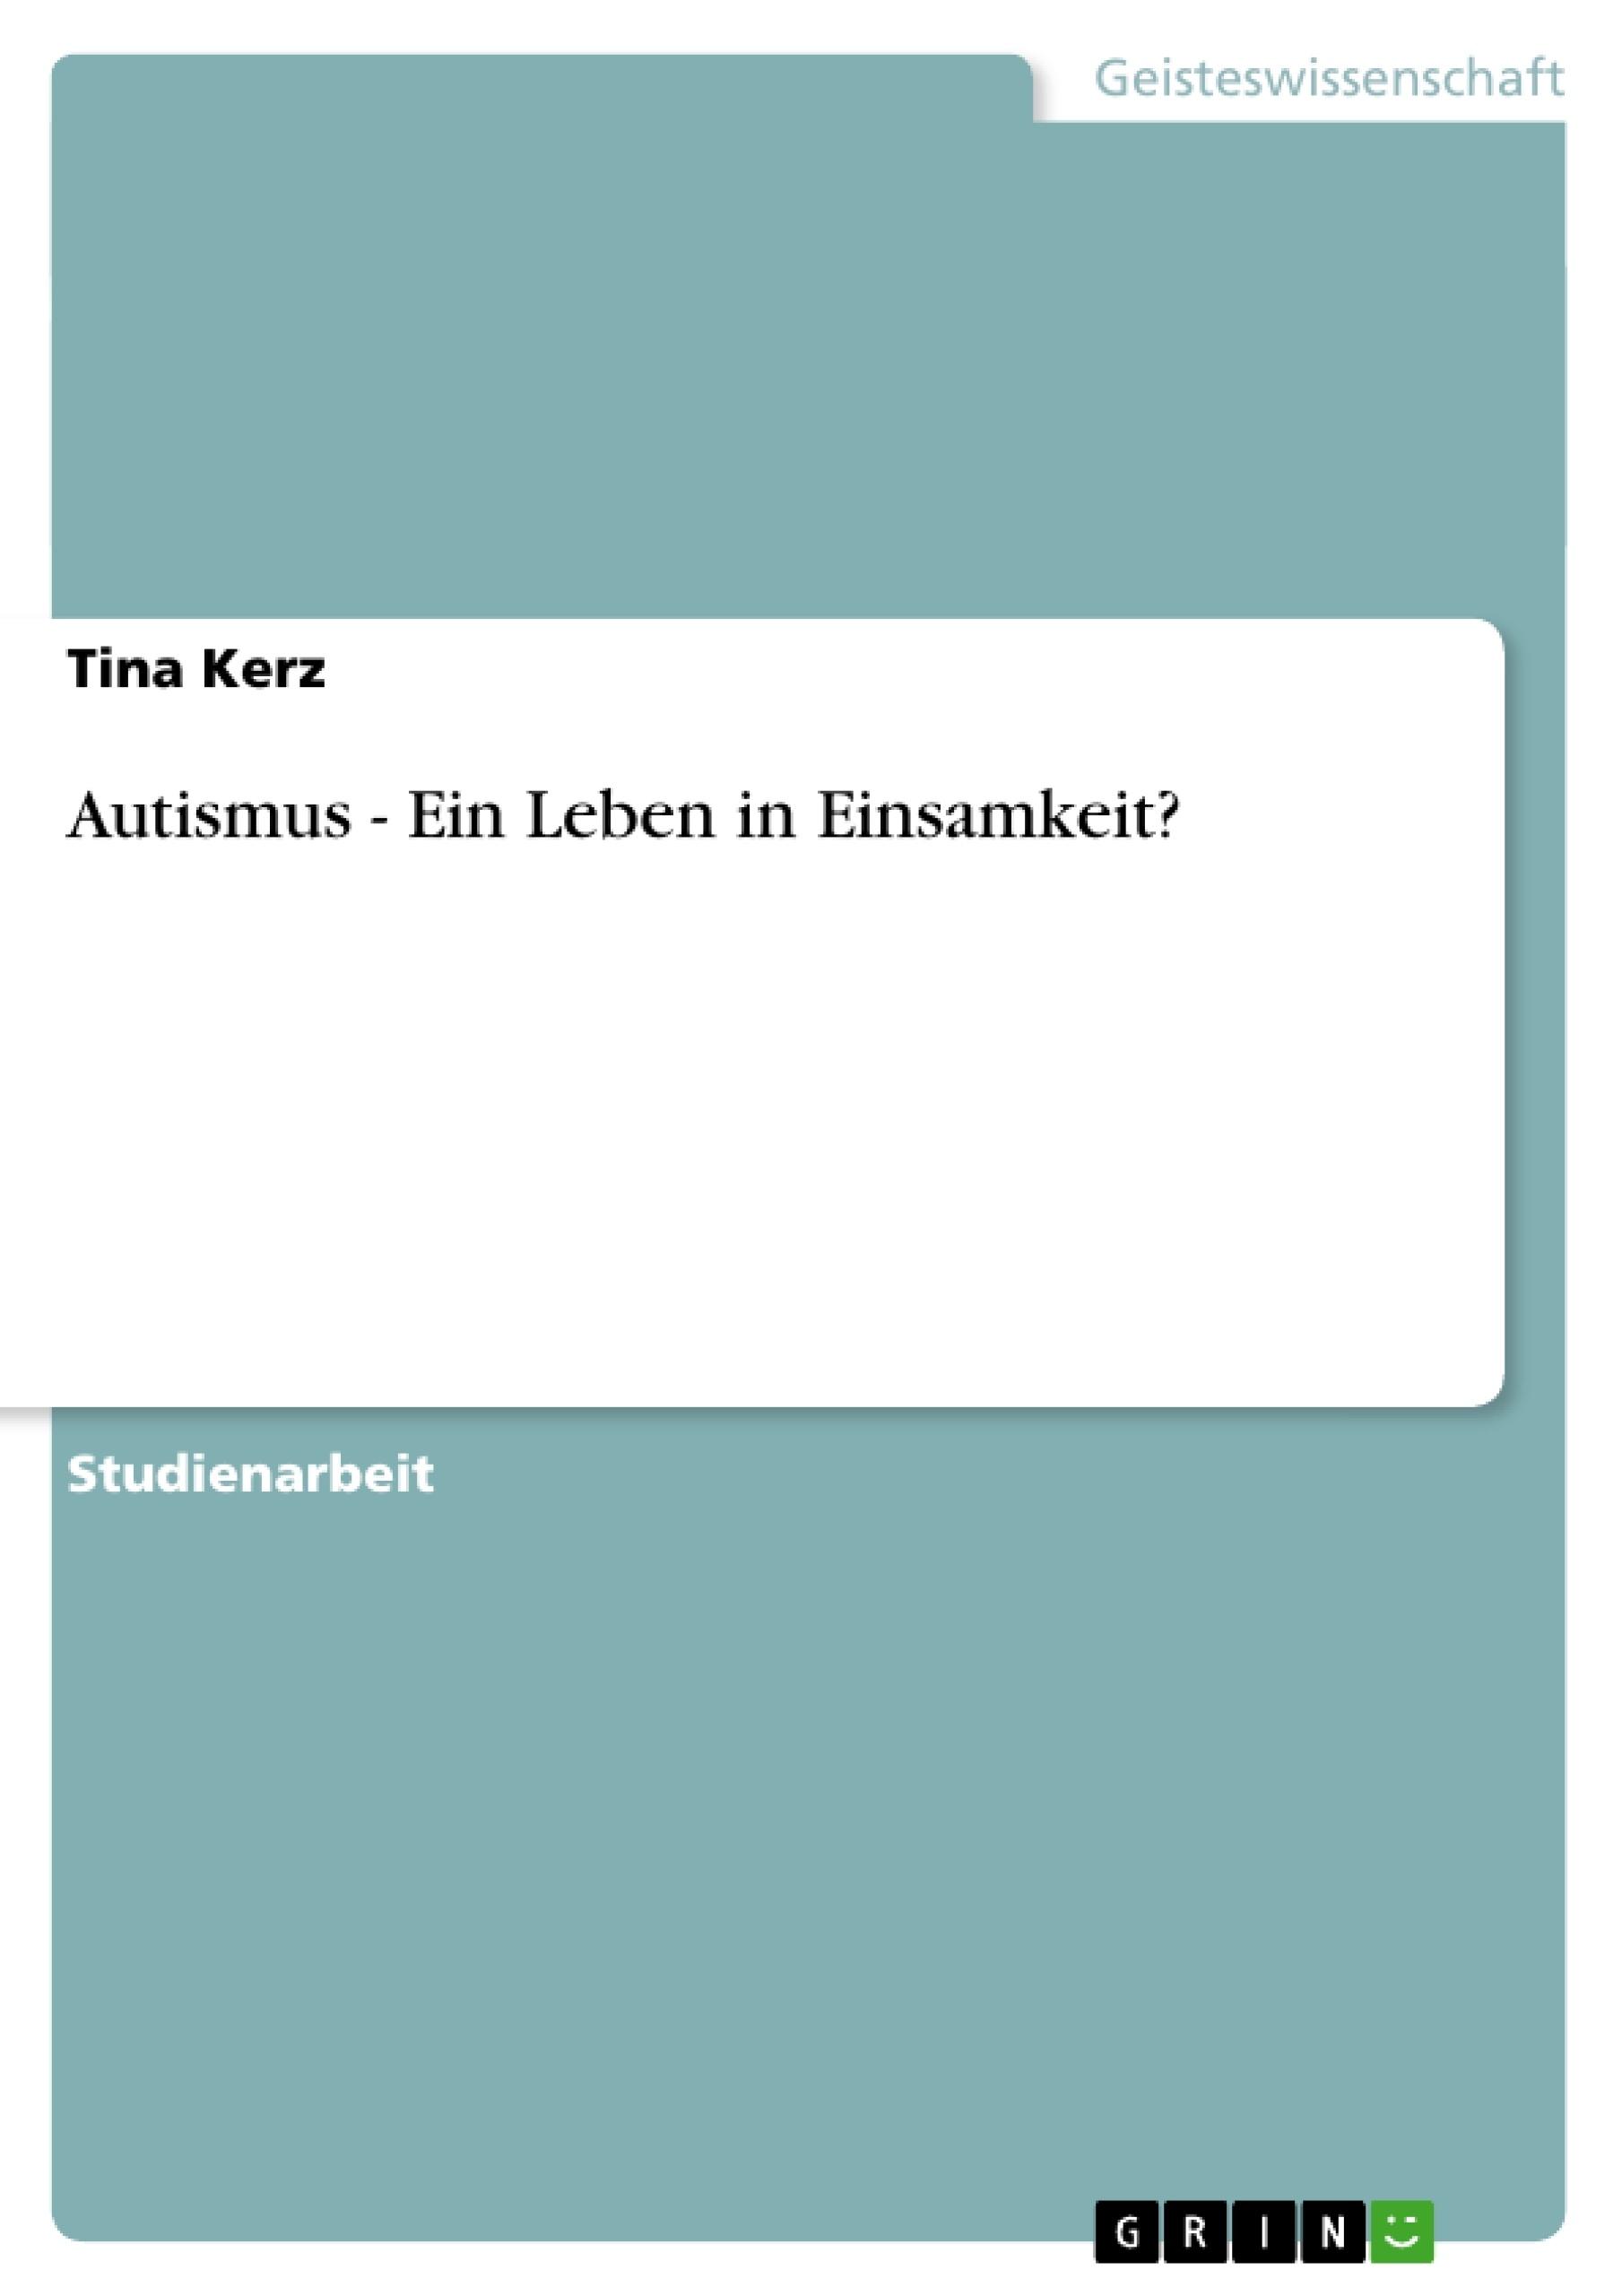 Titel: Autismus - Ein Leben in Einsamkeit?